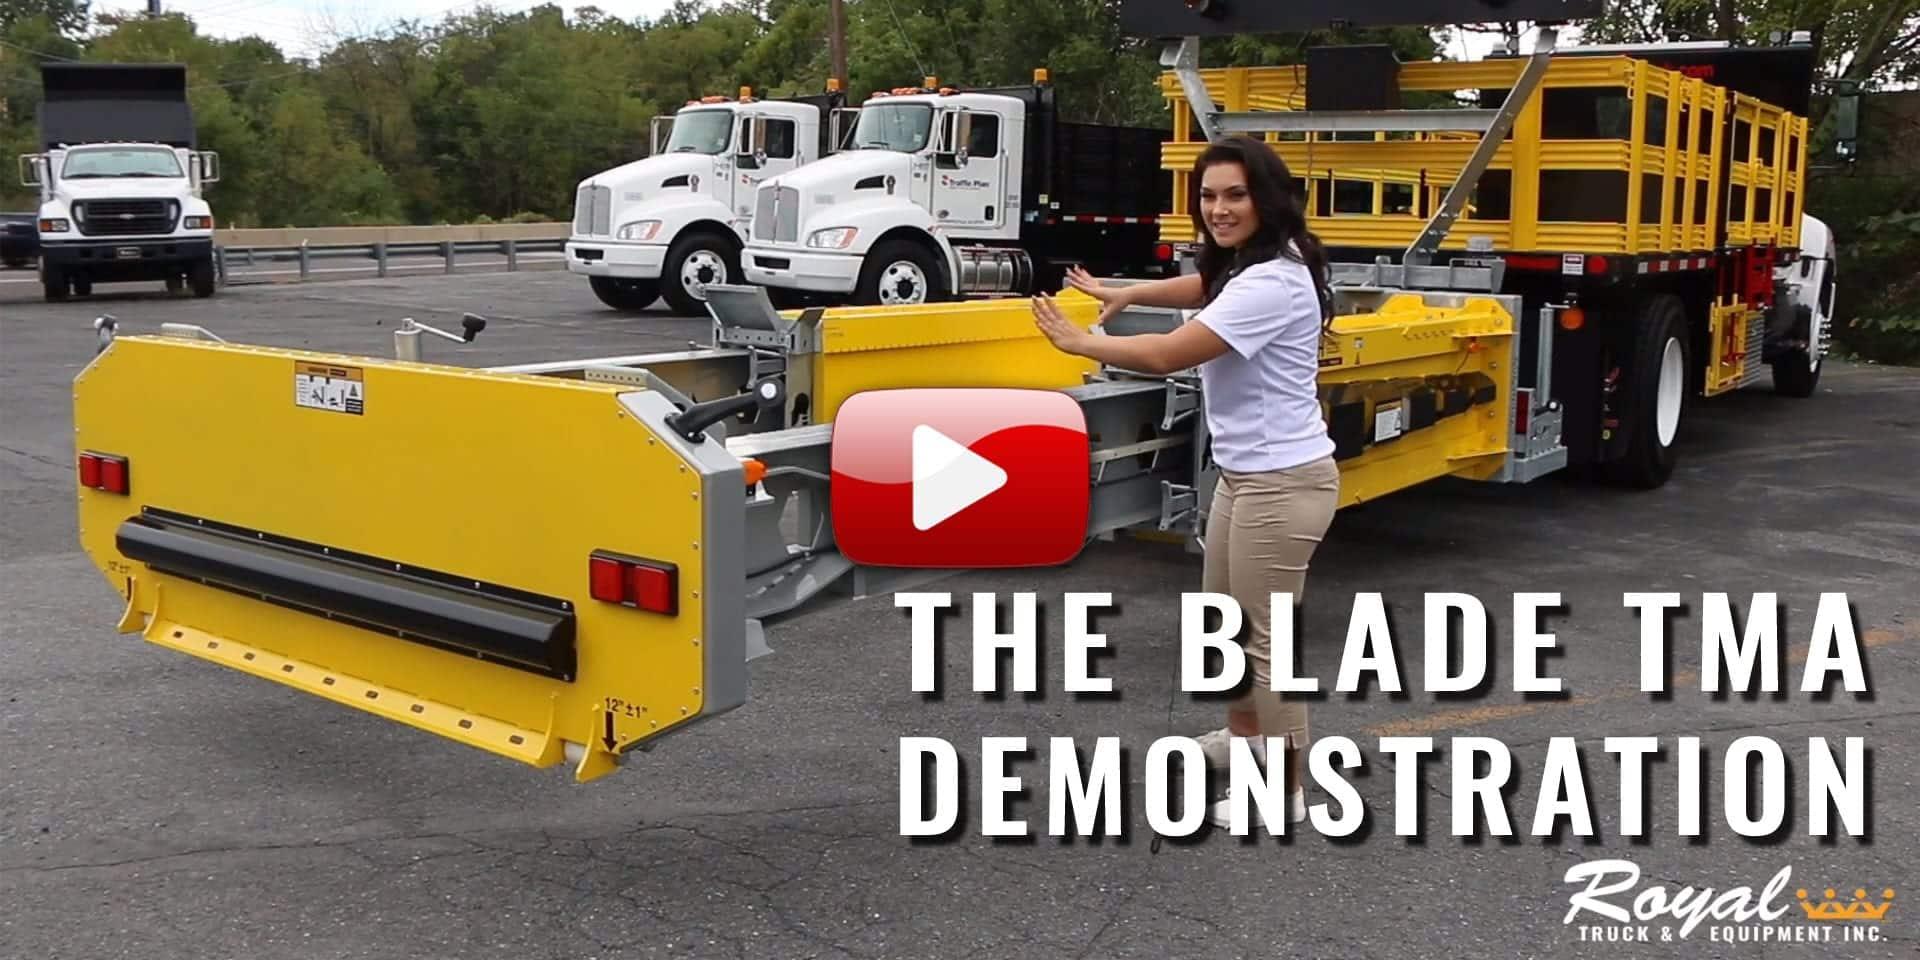 Royal Demos the BLADE TMA